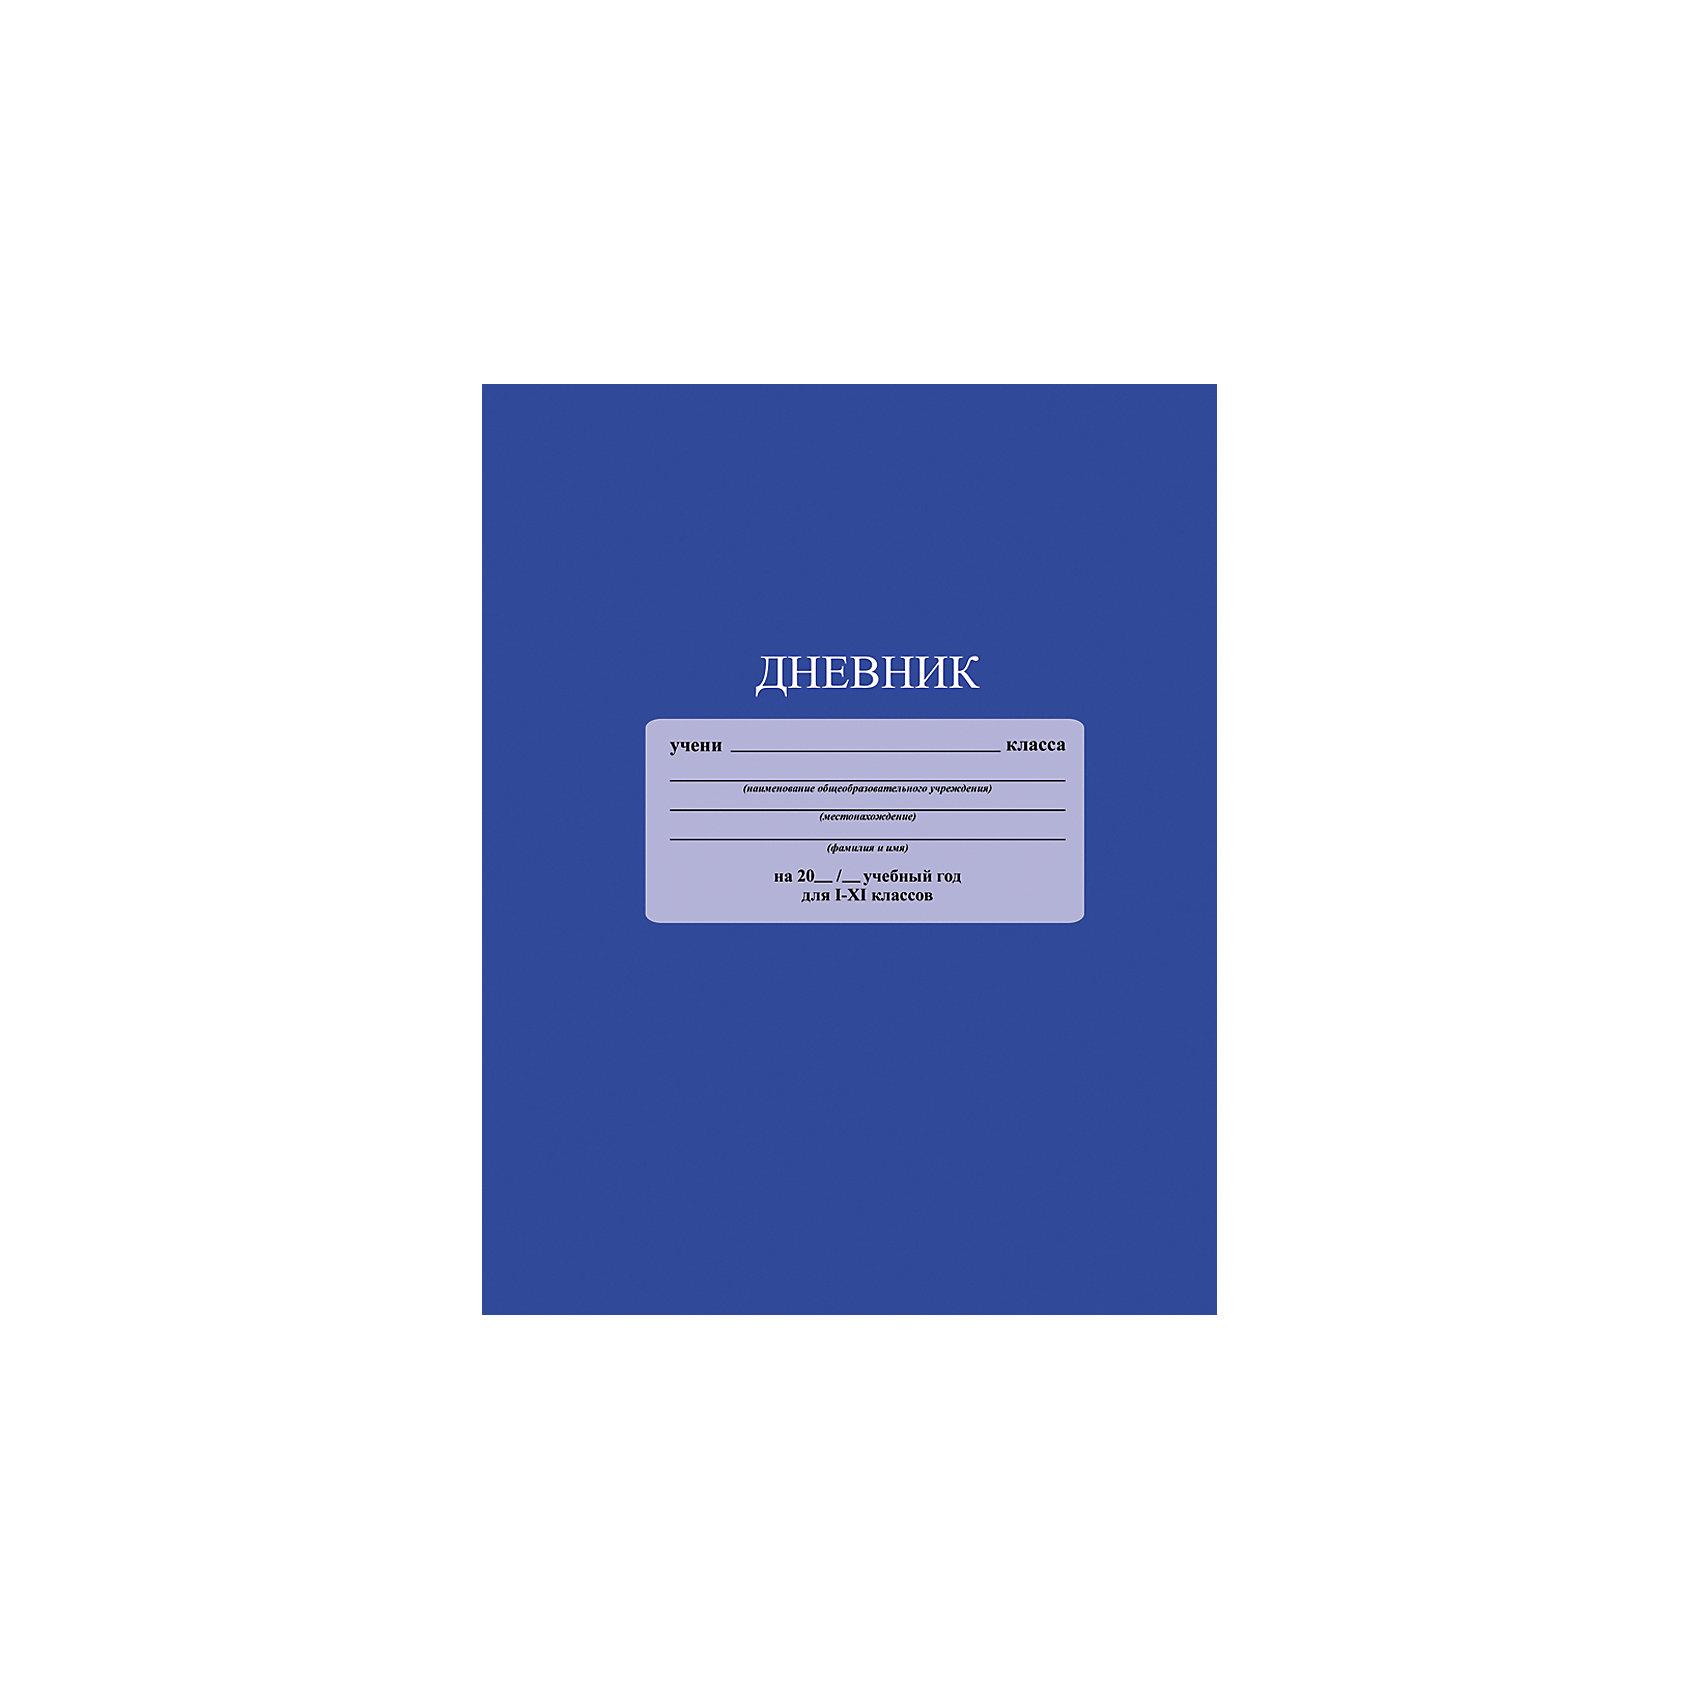 Дневник  Тёмно-синий. Формат А5, твердая обложка 7БЦ,  с глянцевой ламинацией.Бумажная продукция<br>Характеристики товара:<br><br>• возраст: от 6 лет;<br>• цвет: темно-синий;<br>• формат: А5;<br>• количество листов: 48;<br>• разметка: в линейку;<br>• бумага: офсетная;<br>• переплет: твердый;<br>• обложка: твердый картон с ламинацией;<br>• размер: 21,7х17х0,5 см.;<br>• вес: 200 гр.;<br>• страна бренда: Россия;<br>• страна изготовитель: Россия.<br><br>Дневник «Темно-Синий». Формат А5, твердая обложка 7БЦ,  с глянцевой ламинацией. Незапечатанный форзац. Школьный дневник 1-11 классы, имеет сшитый внутренний блок, состоящий из 48 листов белой бумаги (плотность 65 г/кв.м.) с линовкой. Крепкий твердый переплет 7БЦ сохранит внешний вид дневника на весь учебный год. Дневник имеет однотонную обложку и белый форзац со справочной информацией. Обложка дневника изготовлена с глянцевой ламинацией.<br><br>Дневник - это первый ежедневник вашего ребенка. Он поможет ему не забыть свои задания, а вы всегда сможете проконтролировать его успеваемость.<br><br>Дневник «Темно-синий». Формат А5, твердая обложка 7БЦ,  с глянцевой ламинацией. Незапечатанный форзац, 48 листов, можно купить в нашем интернет-магазине.<br><br>Ширина мм: 217<br>Глубина мм: 170<br>Высота мм: 7<br>Вес г: 208<br>Возраст от месяцев: 36<br>Возраст до месяцев: 216<br>Пол: Унисекс<br>Возраст: Детский<br>SKU: 6992546